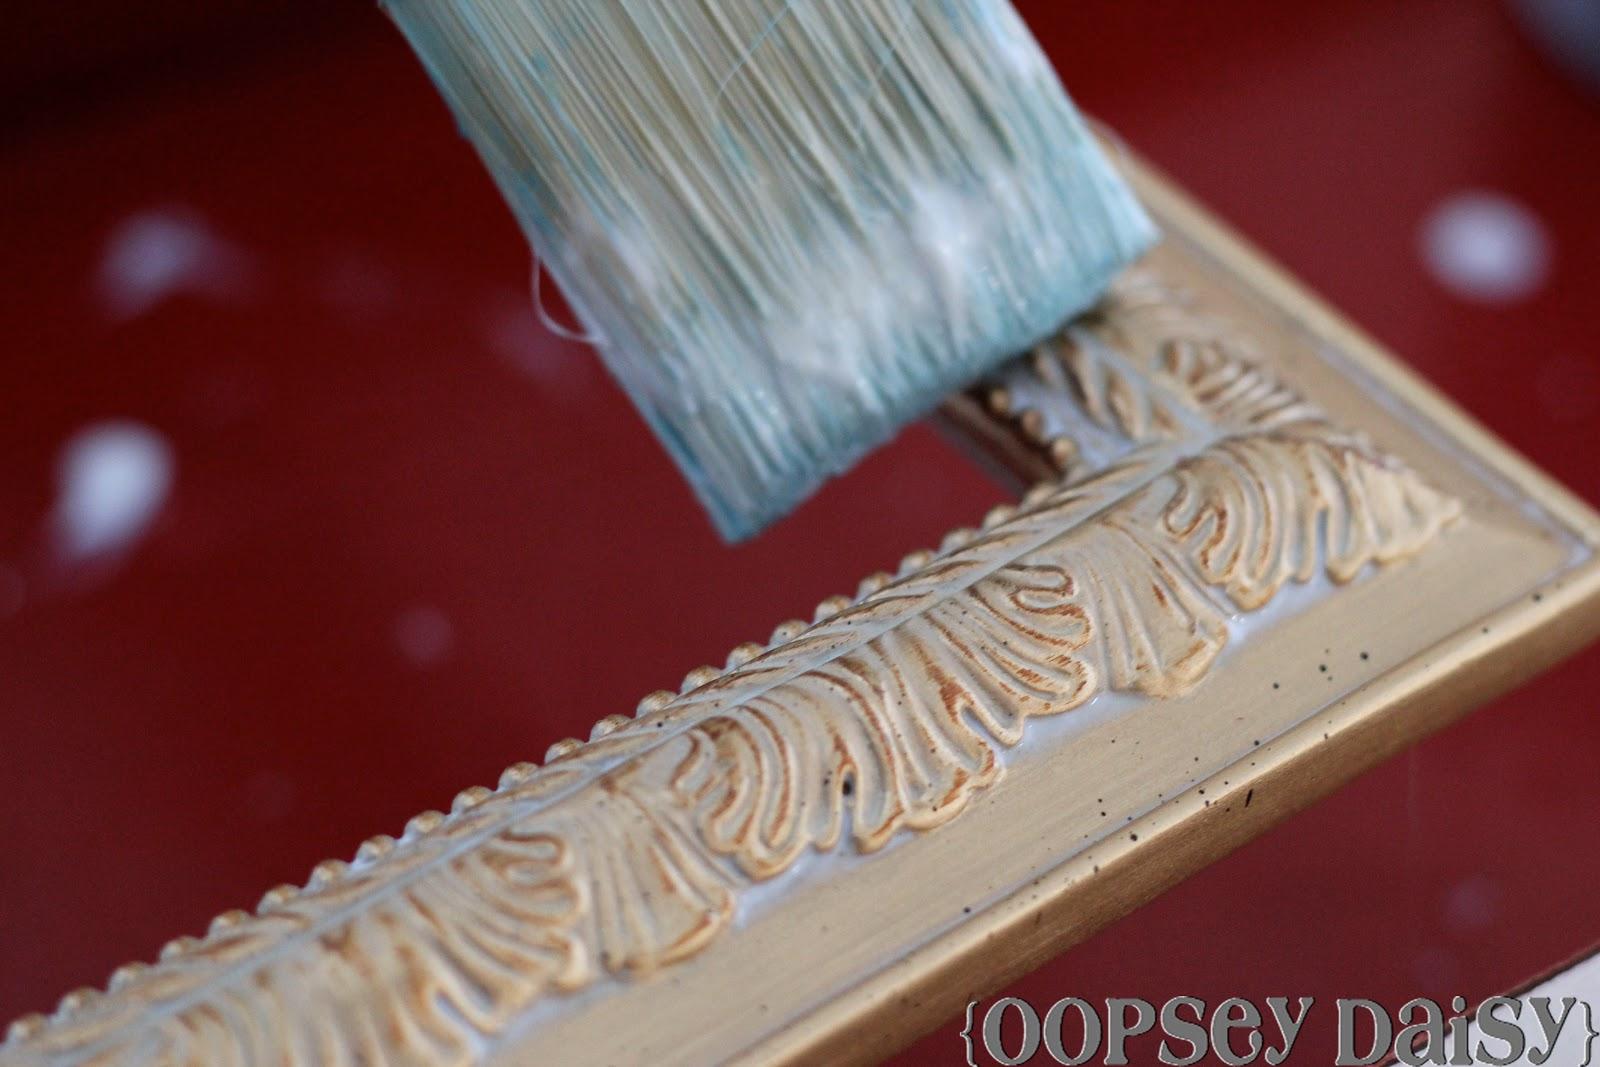 http://3.bp.blogspot.com/-Visq89PH14Y/TWNZbeZlvBI/AAAAAAAAMCw/NHOeiuXR6qE/s1600/good%2Bluck_glaze.jpg